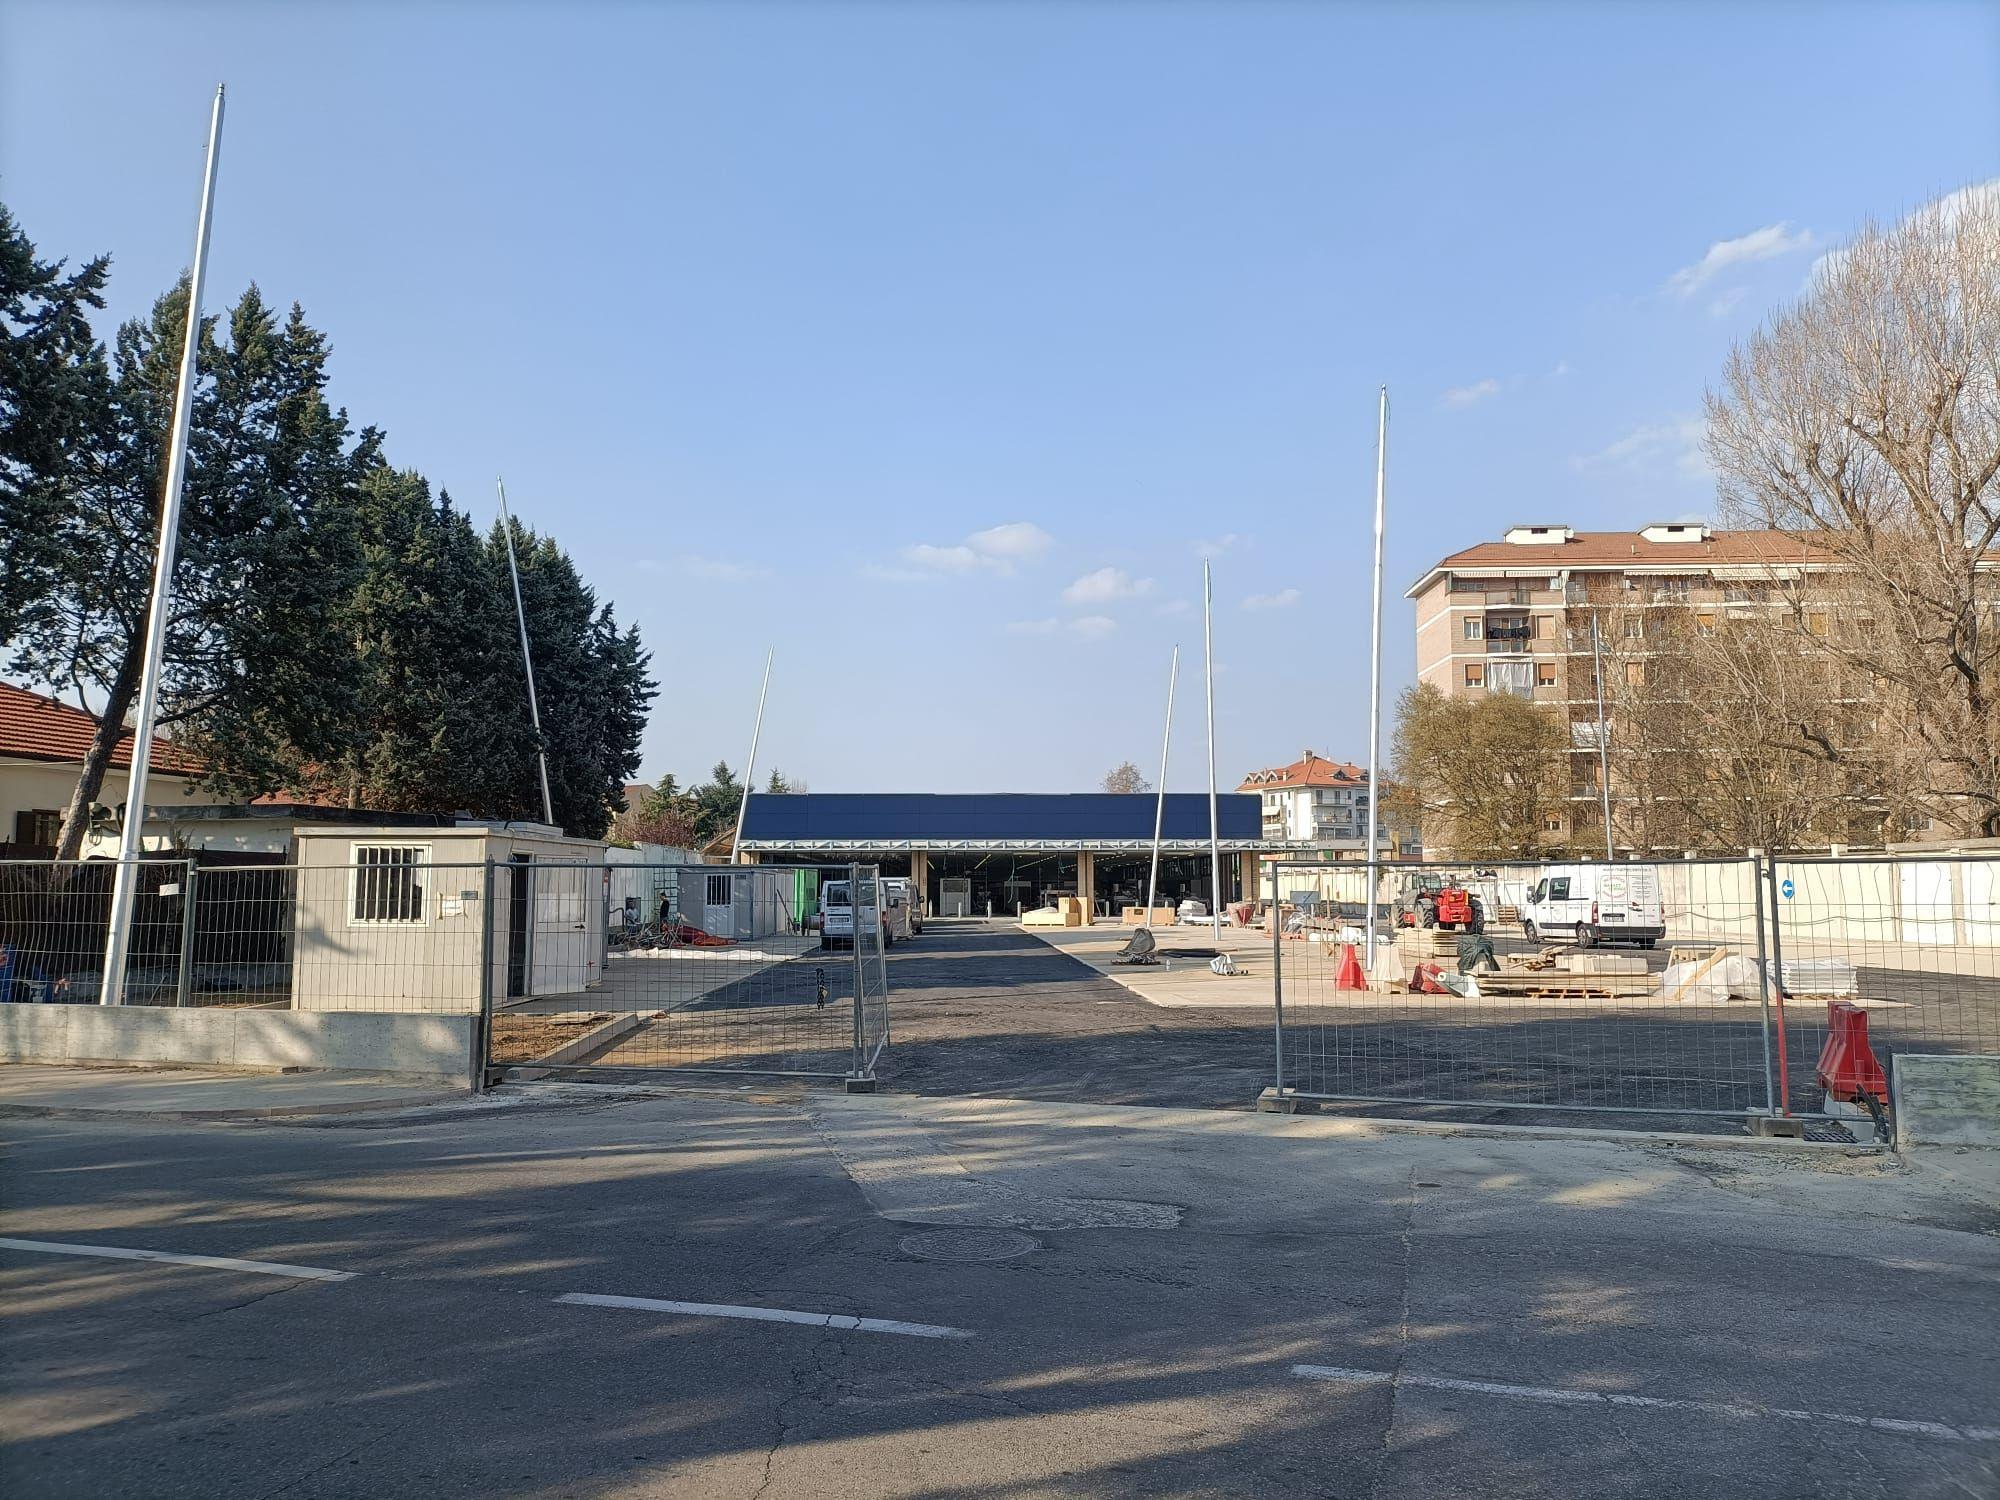 NICHELINO - Conto alla rovescia per l'apertura del nuovo Eurospin